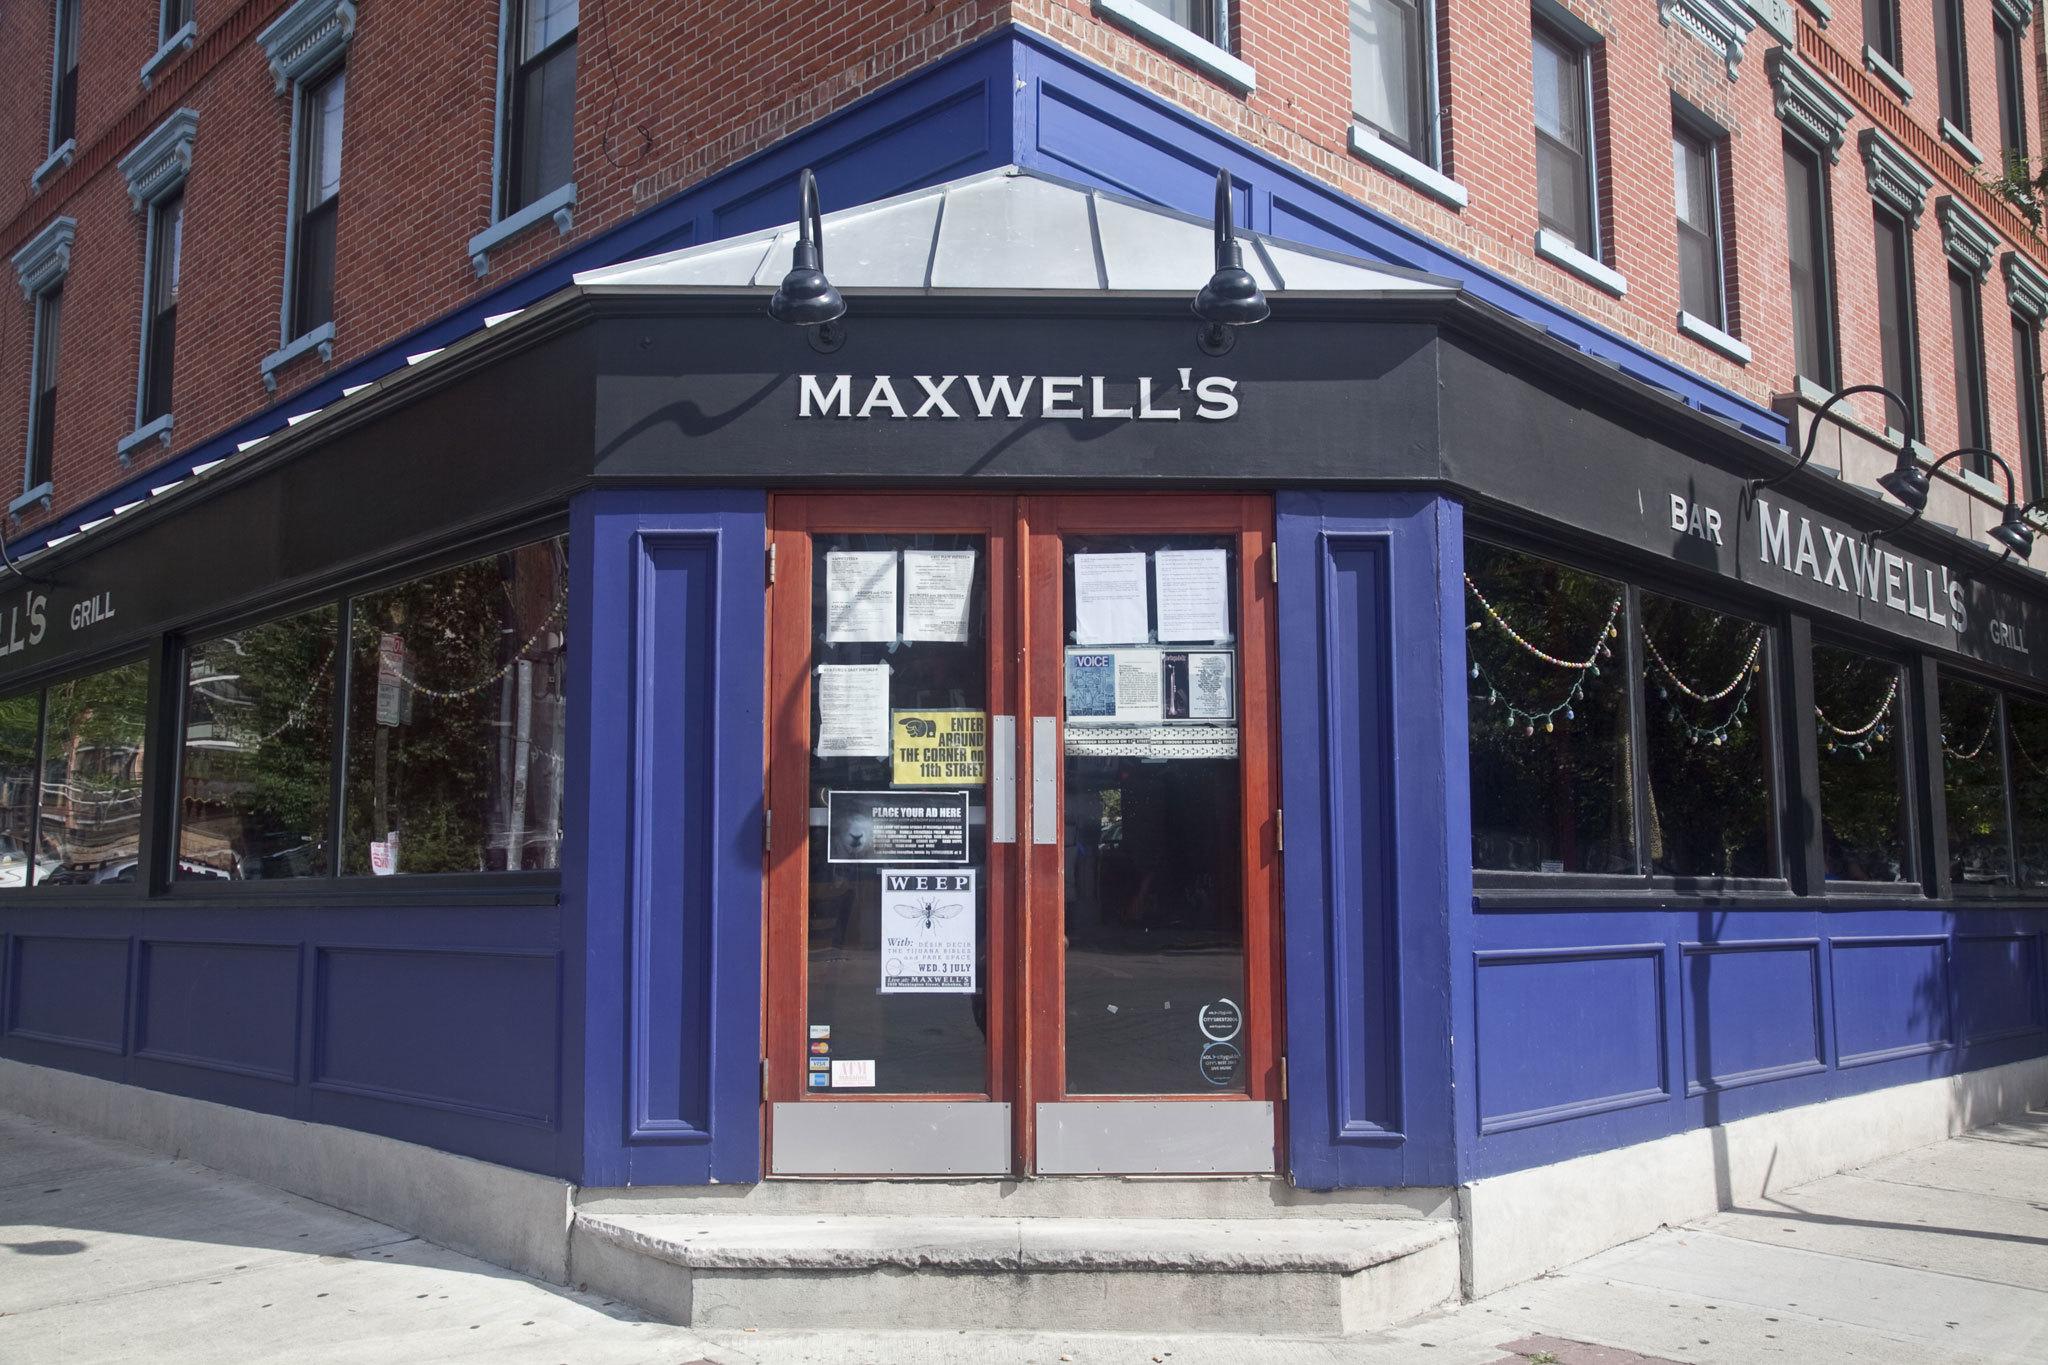 Today in terrible news: Maxwell's in Hoboken is closing